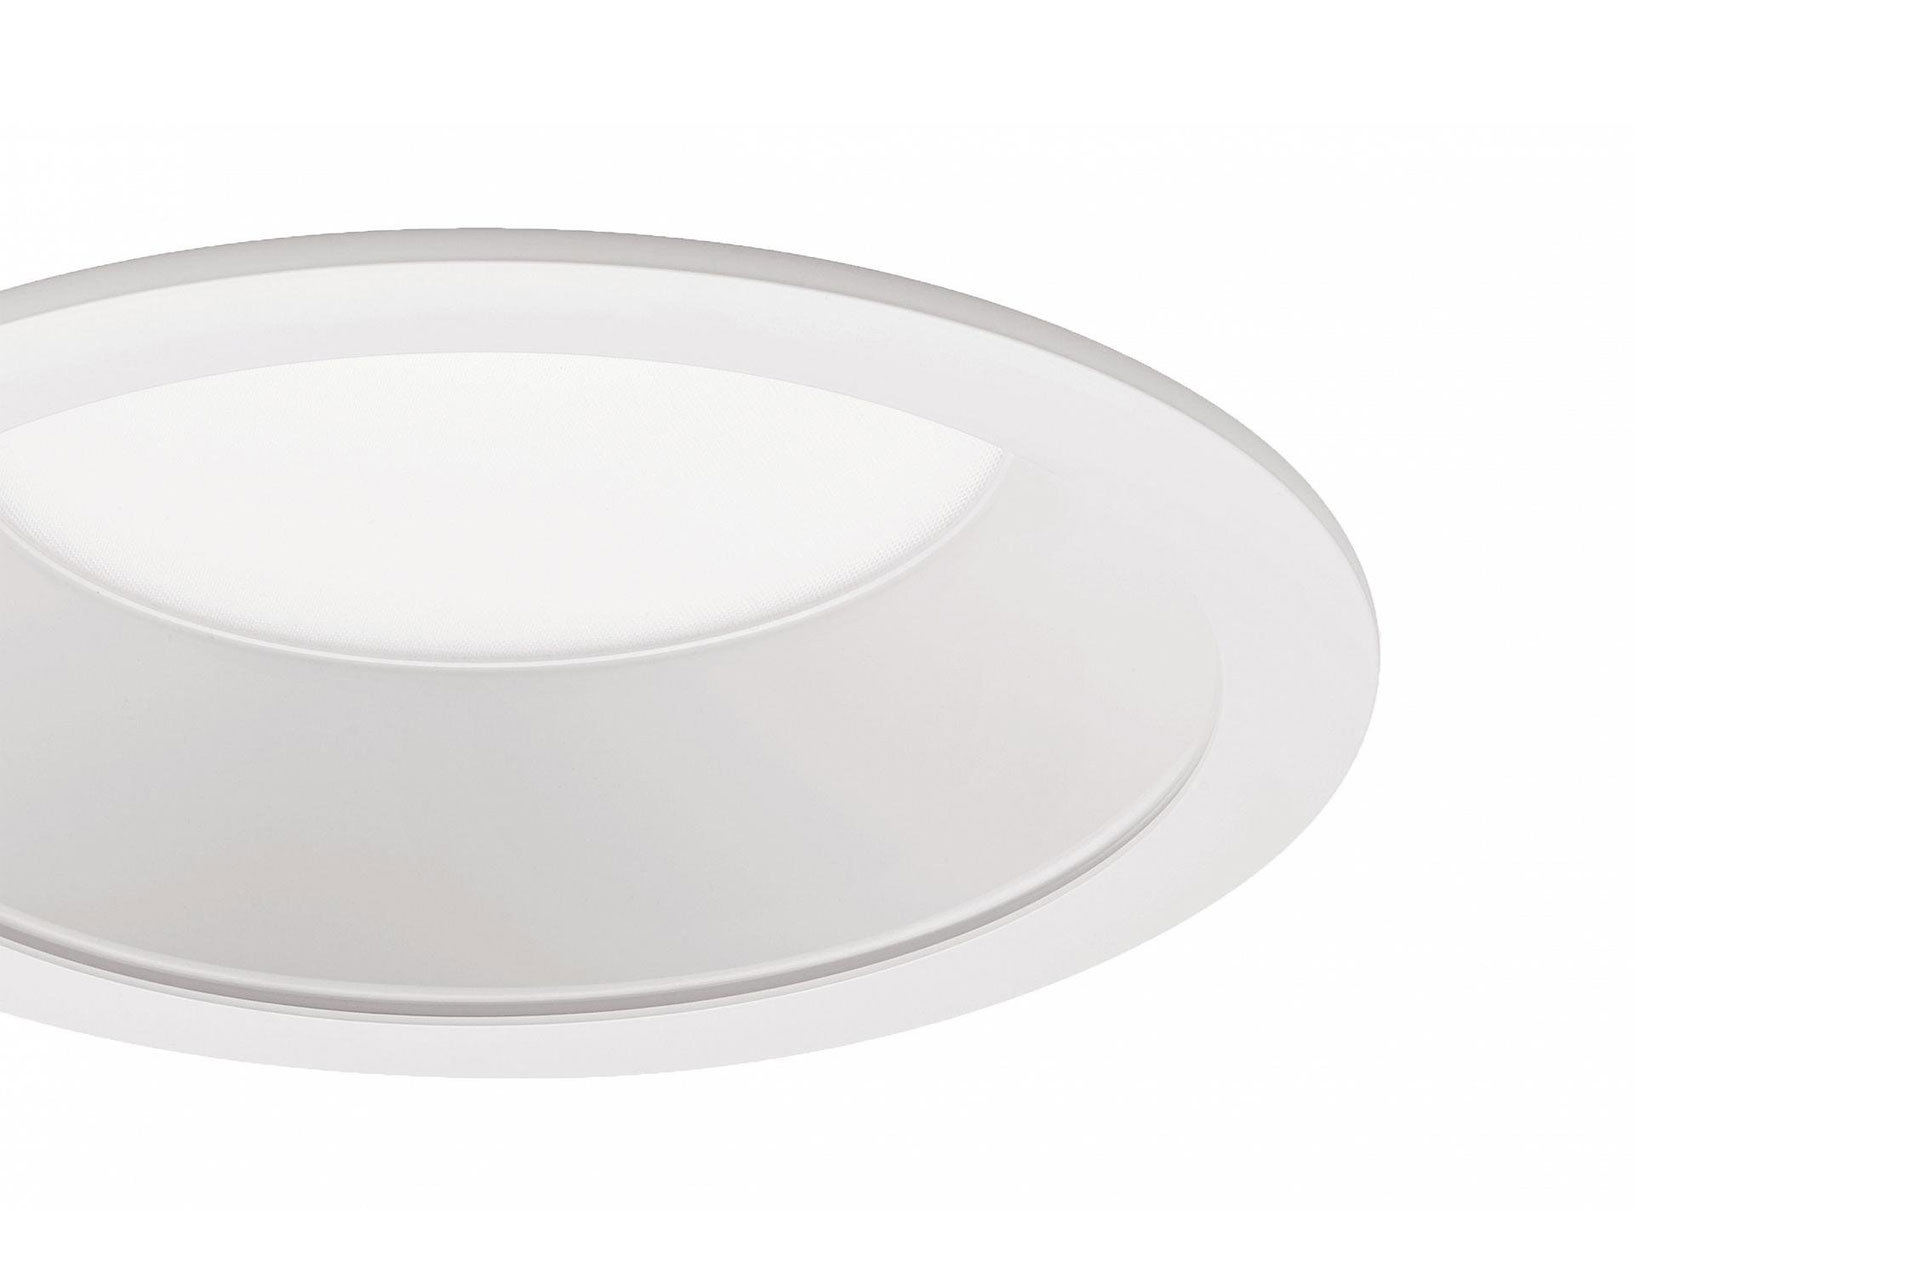 big sale 8ca88 15fca Amatris G2 LED - Products - TRILUX Simplify Your Light